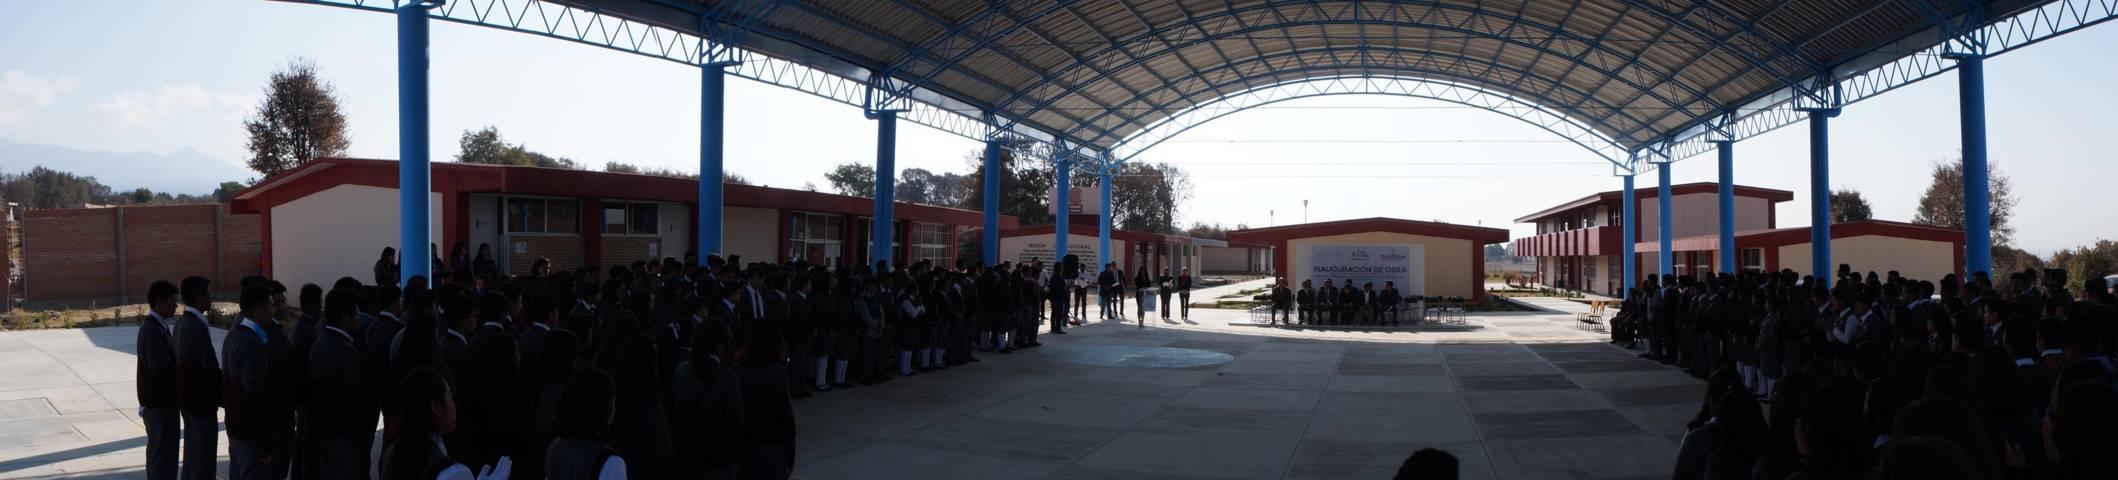 Gobierno Municipal entrega techumbre a Cobat #23 en San Pablo del Monte